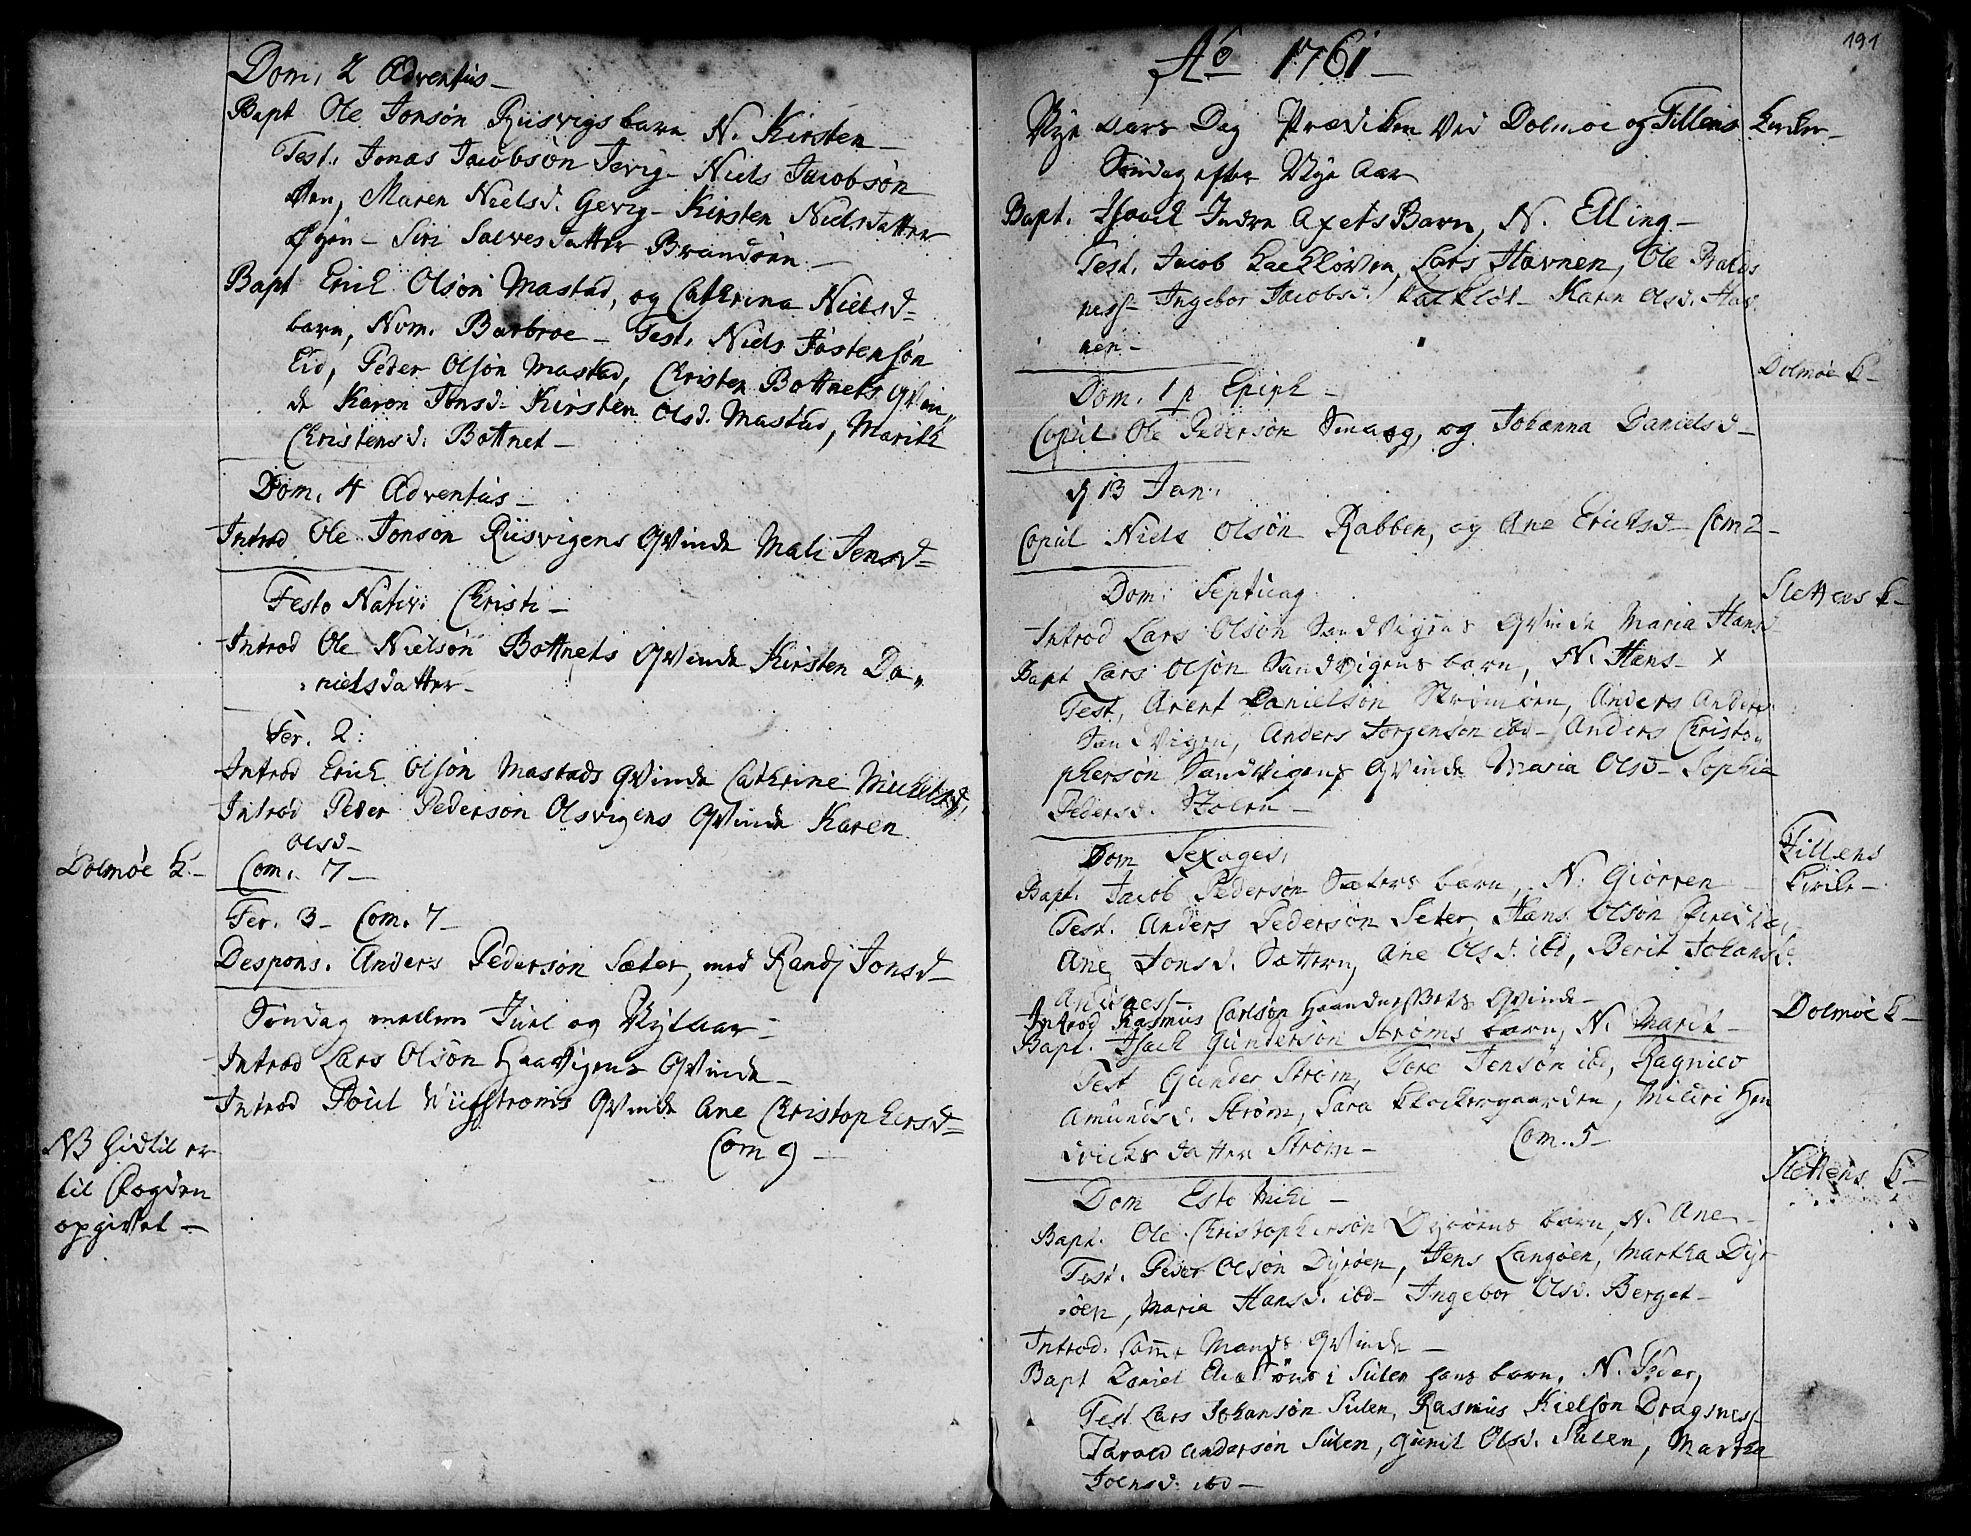 SAT, Ministerialprotokoller, klokkerbøker og fødselsregistre - Sør-Trøndelag, 634/L0525: Ministerialbok nr. 634A01, 1736-1775, s. 191